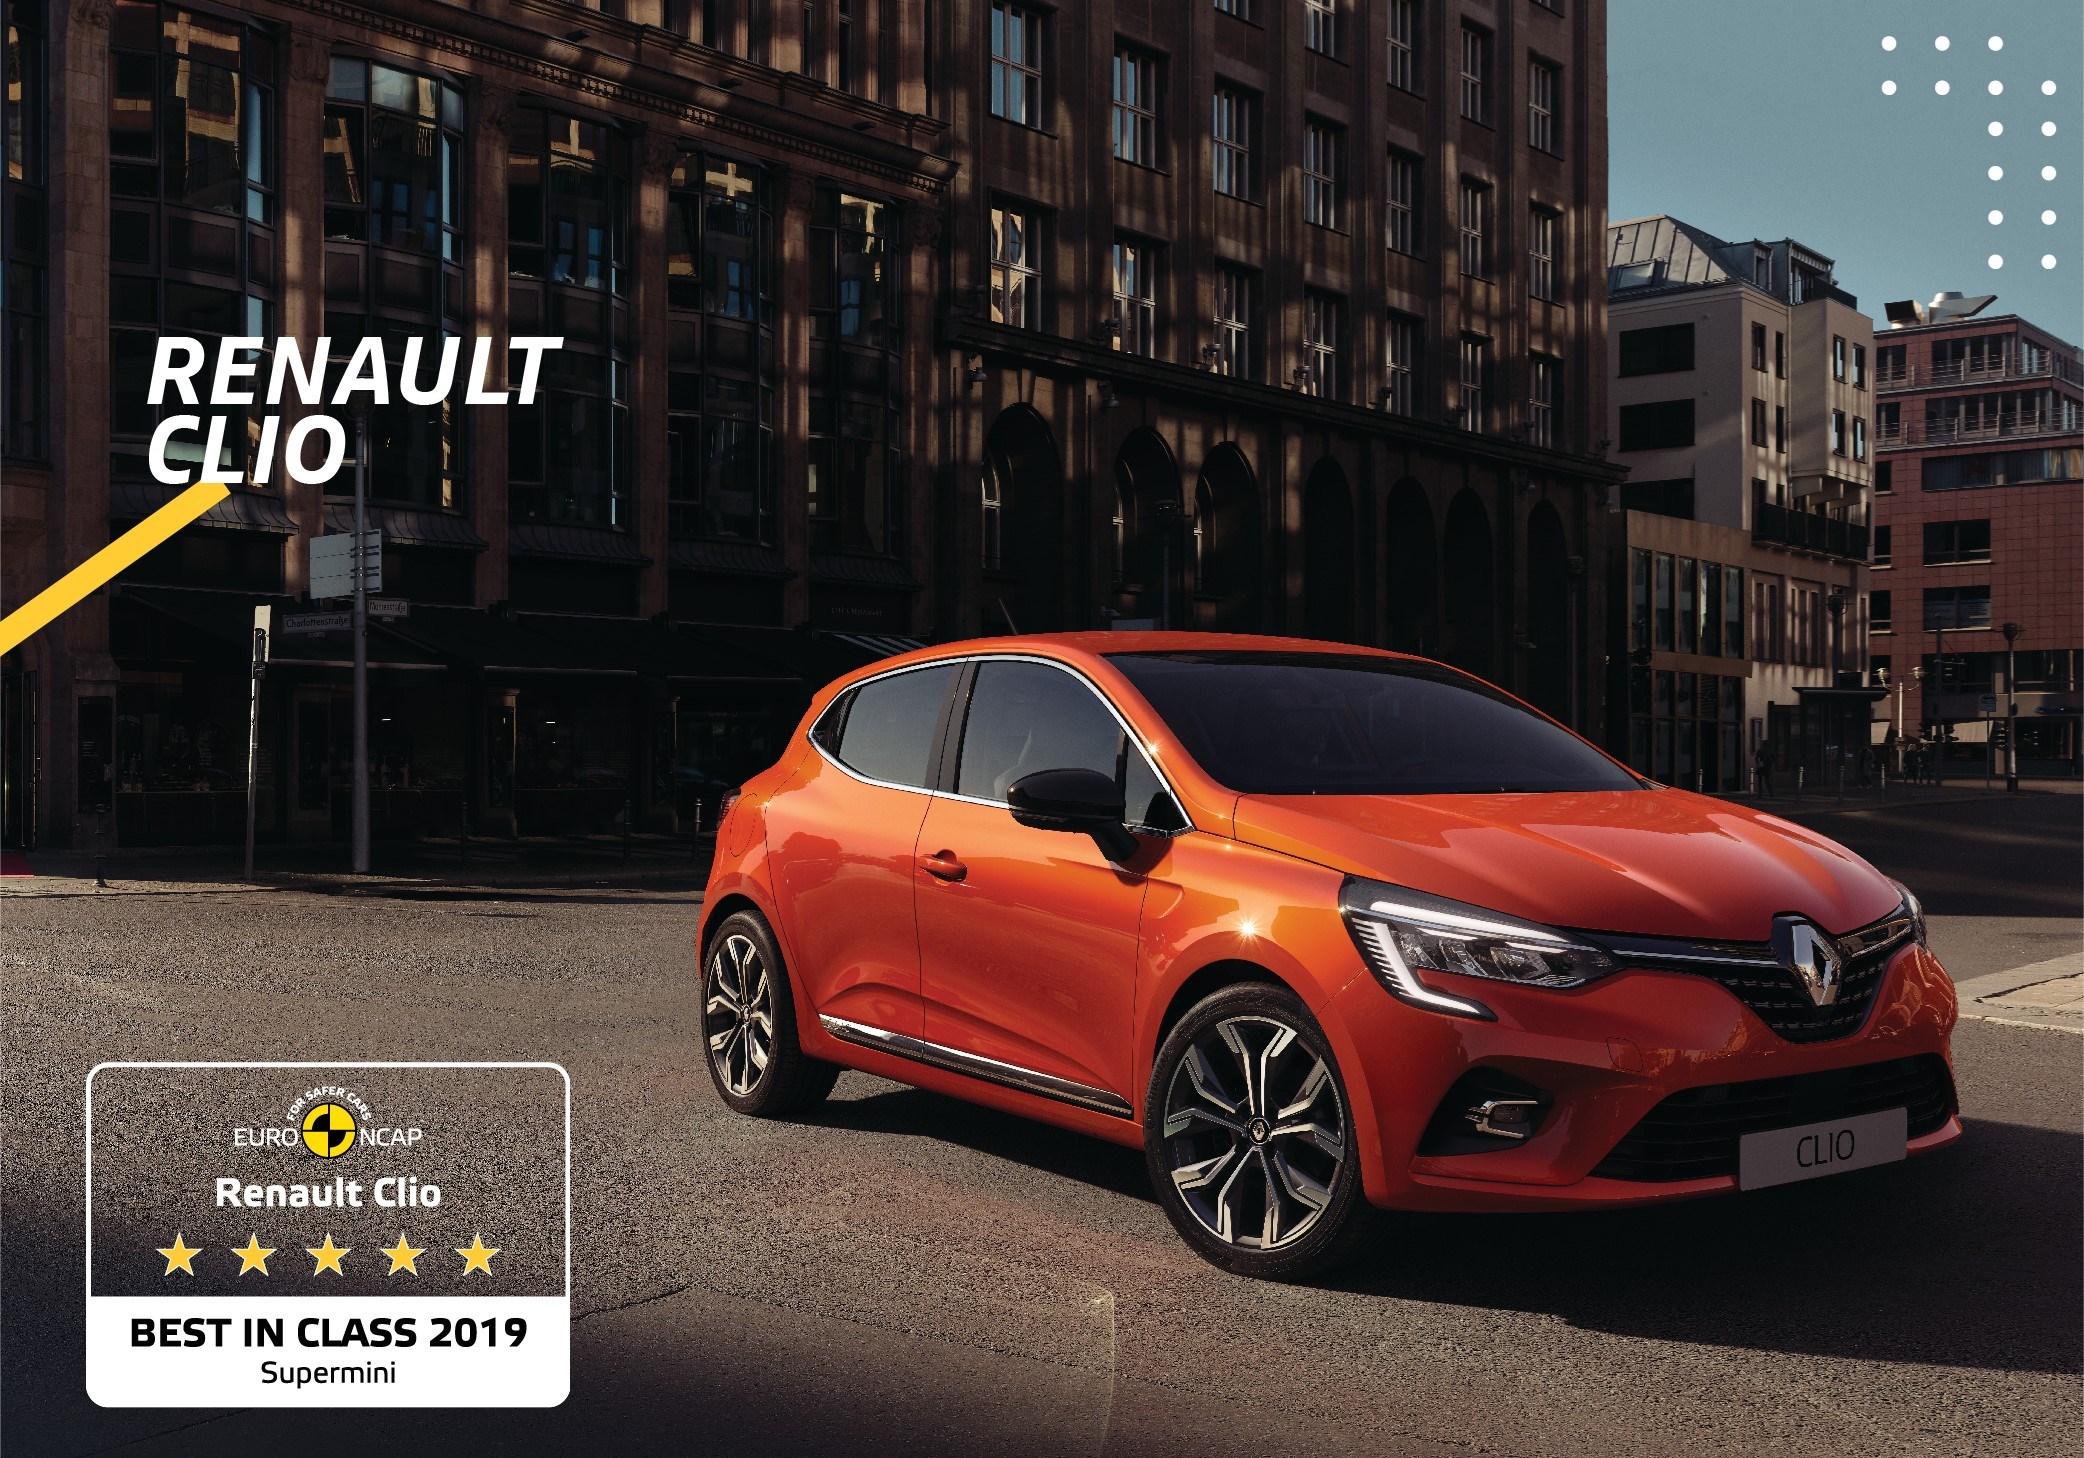 Euro NCAP Renault